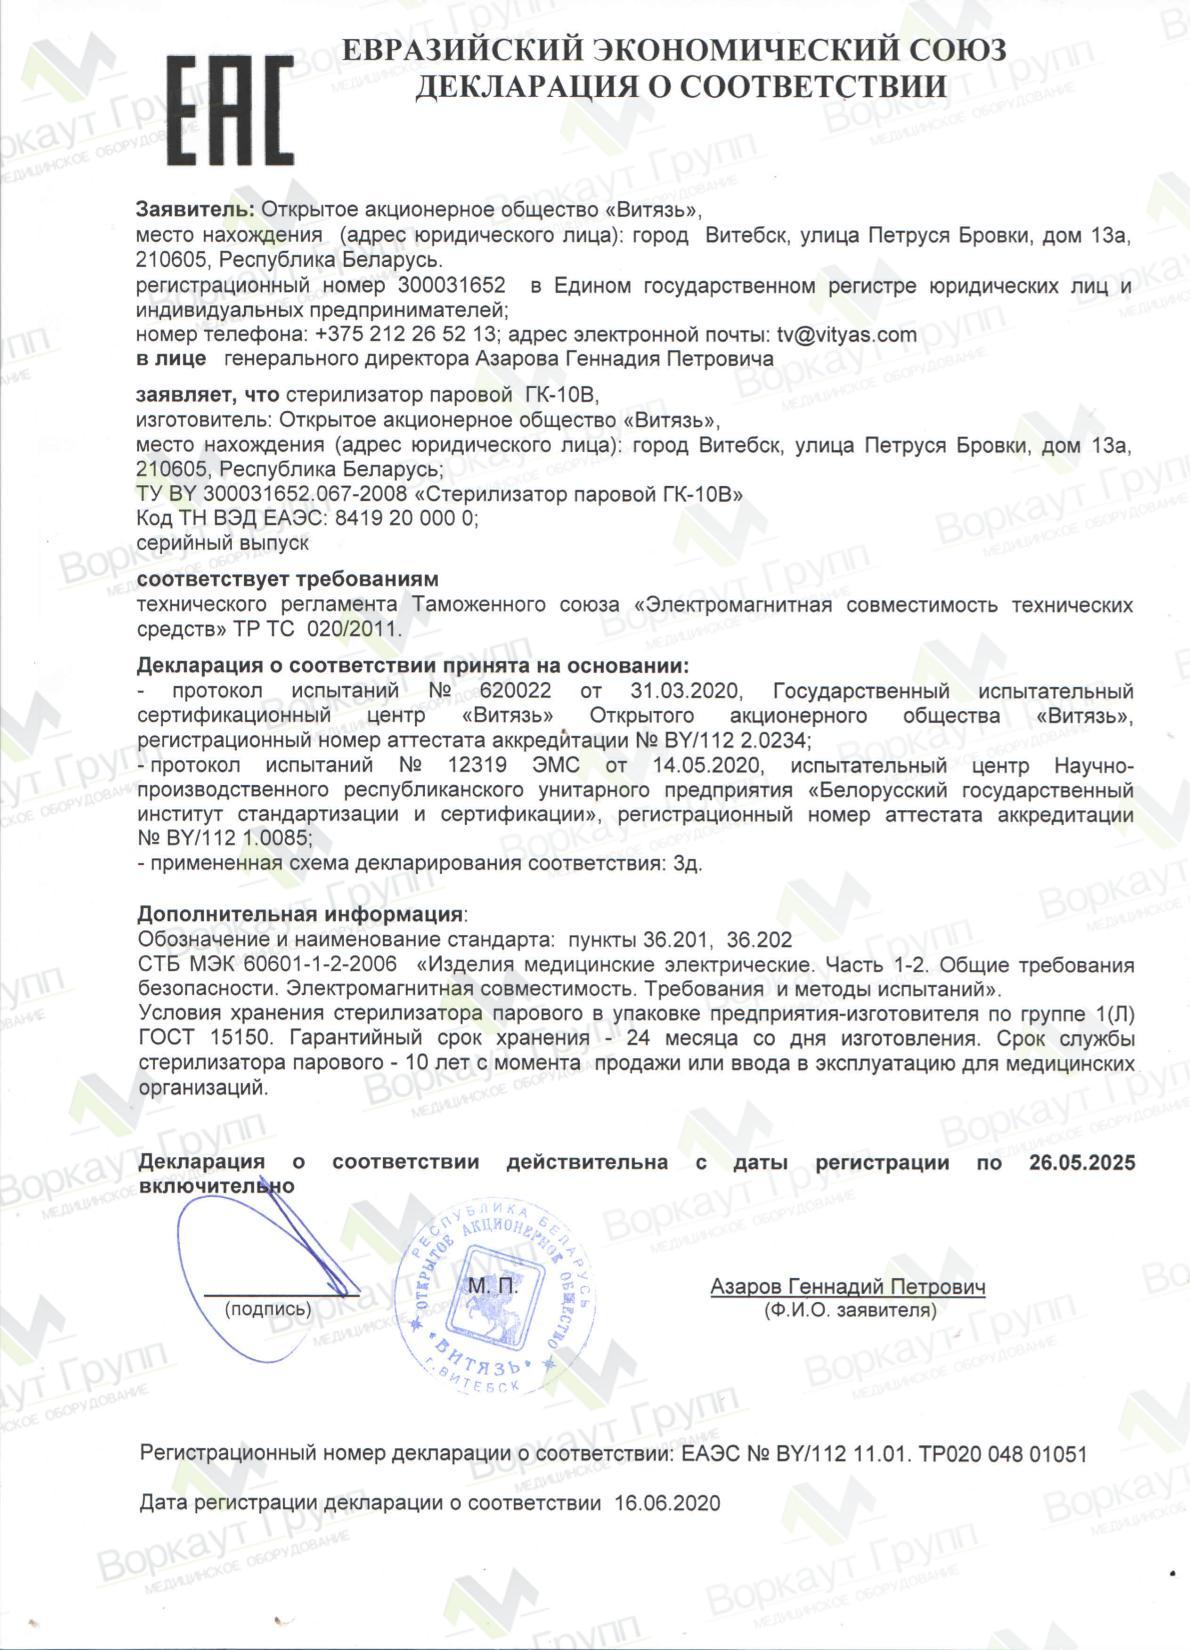 Декларация ГК-10В